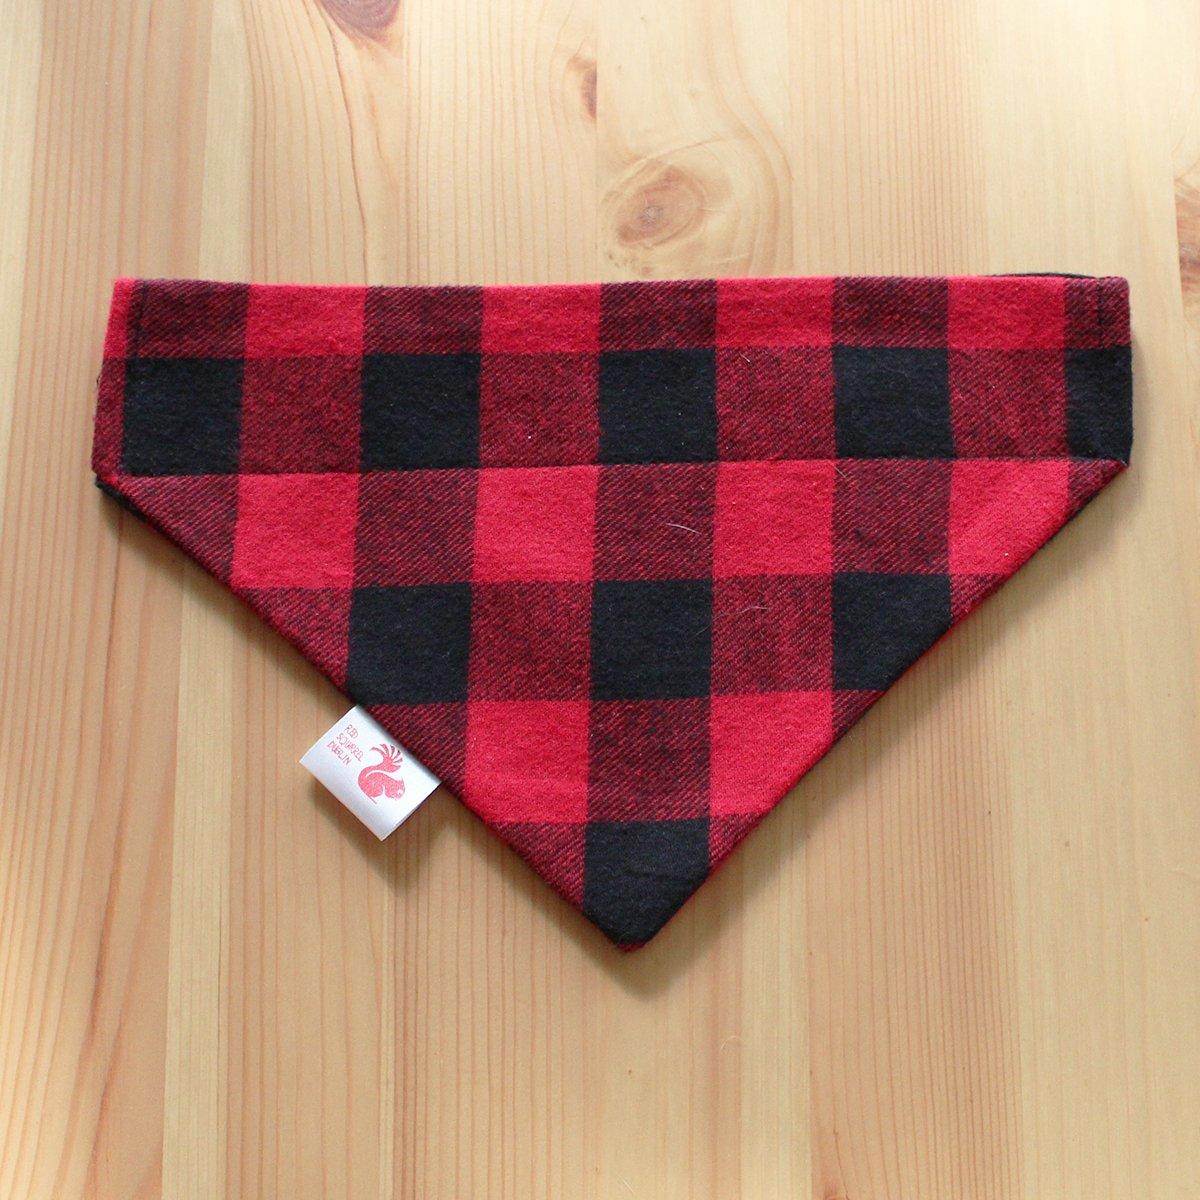 Image of Checked cat & dog bandana